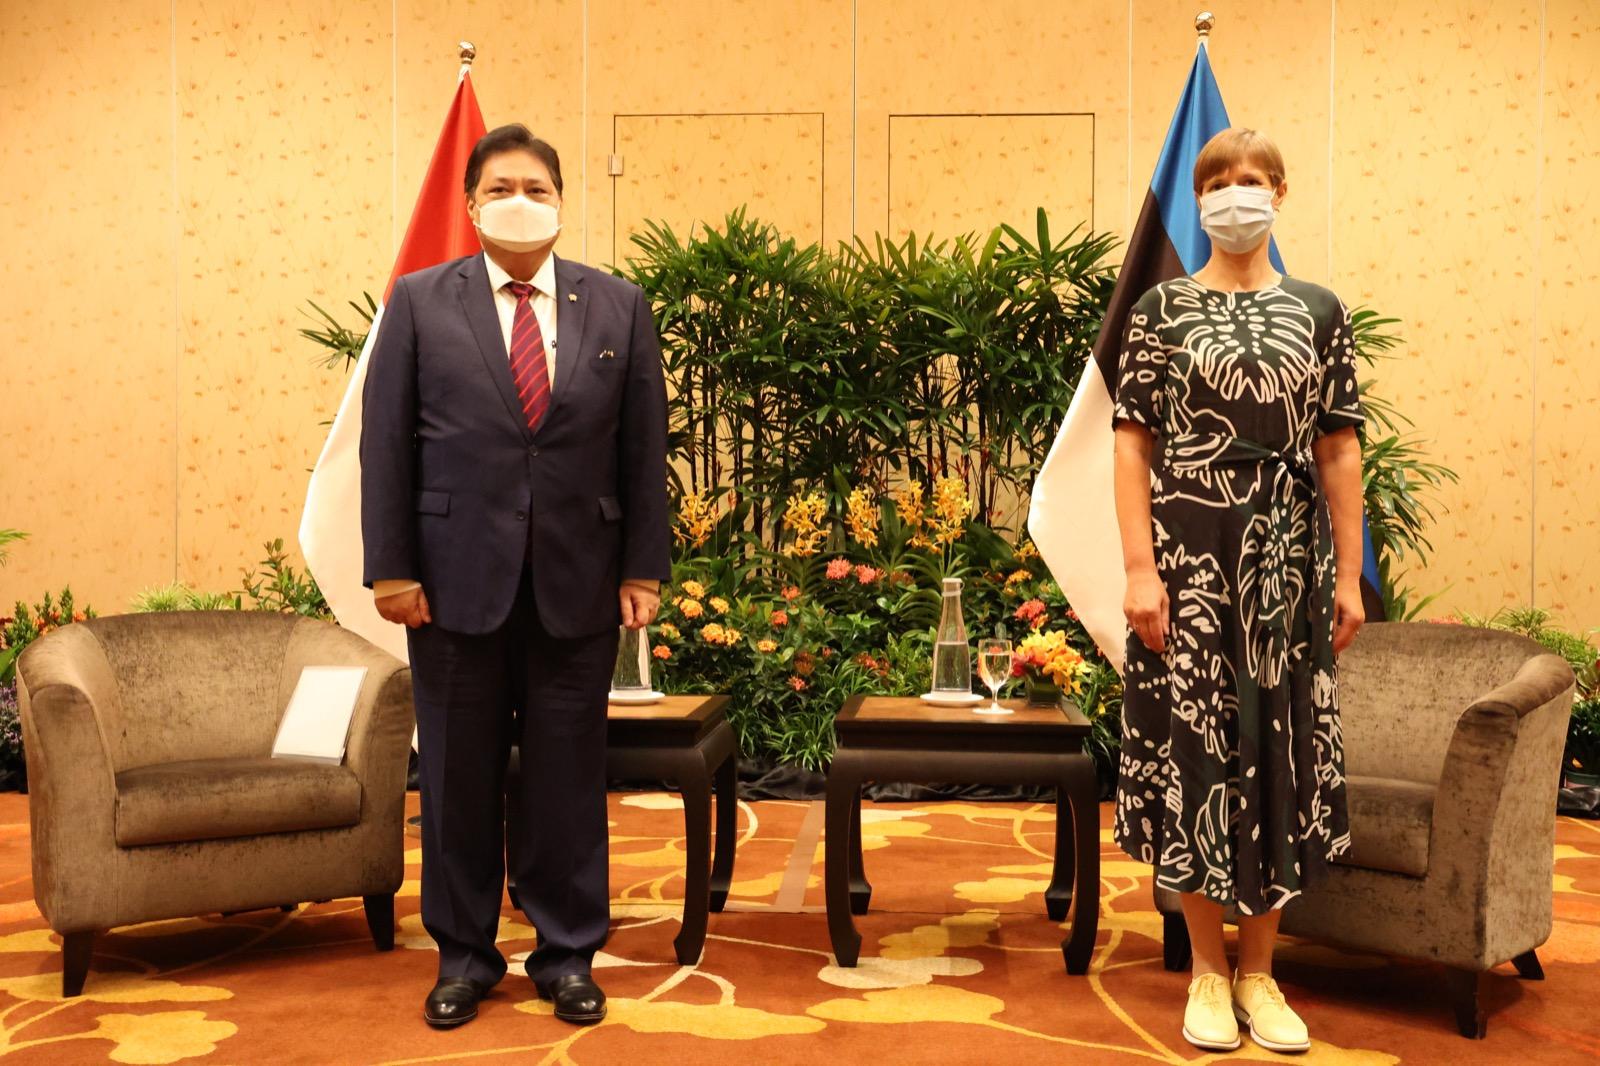 https: img.okezone.com content 2021 07 14 320 2440568 bertemu-presiden-kersti-kaljulaid-menko-airlangga-sebut-estonia-tertarik-kembangka-data-digital-di-indonesia-uKG6VJXSci.jpg